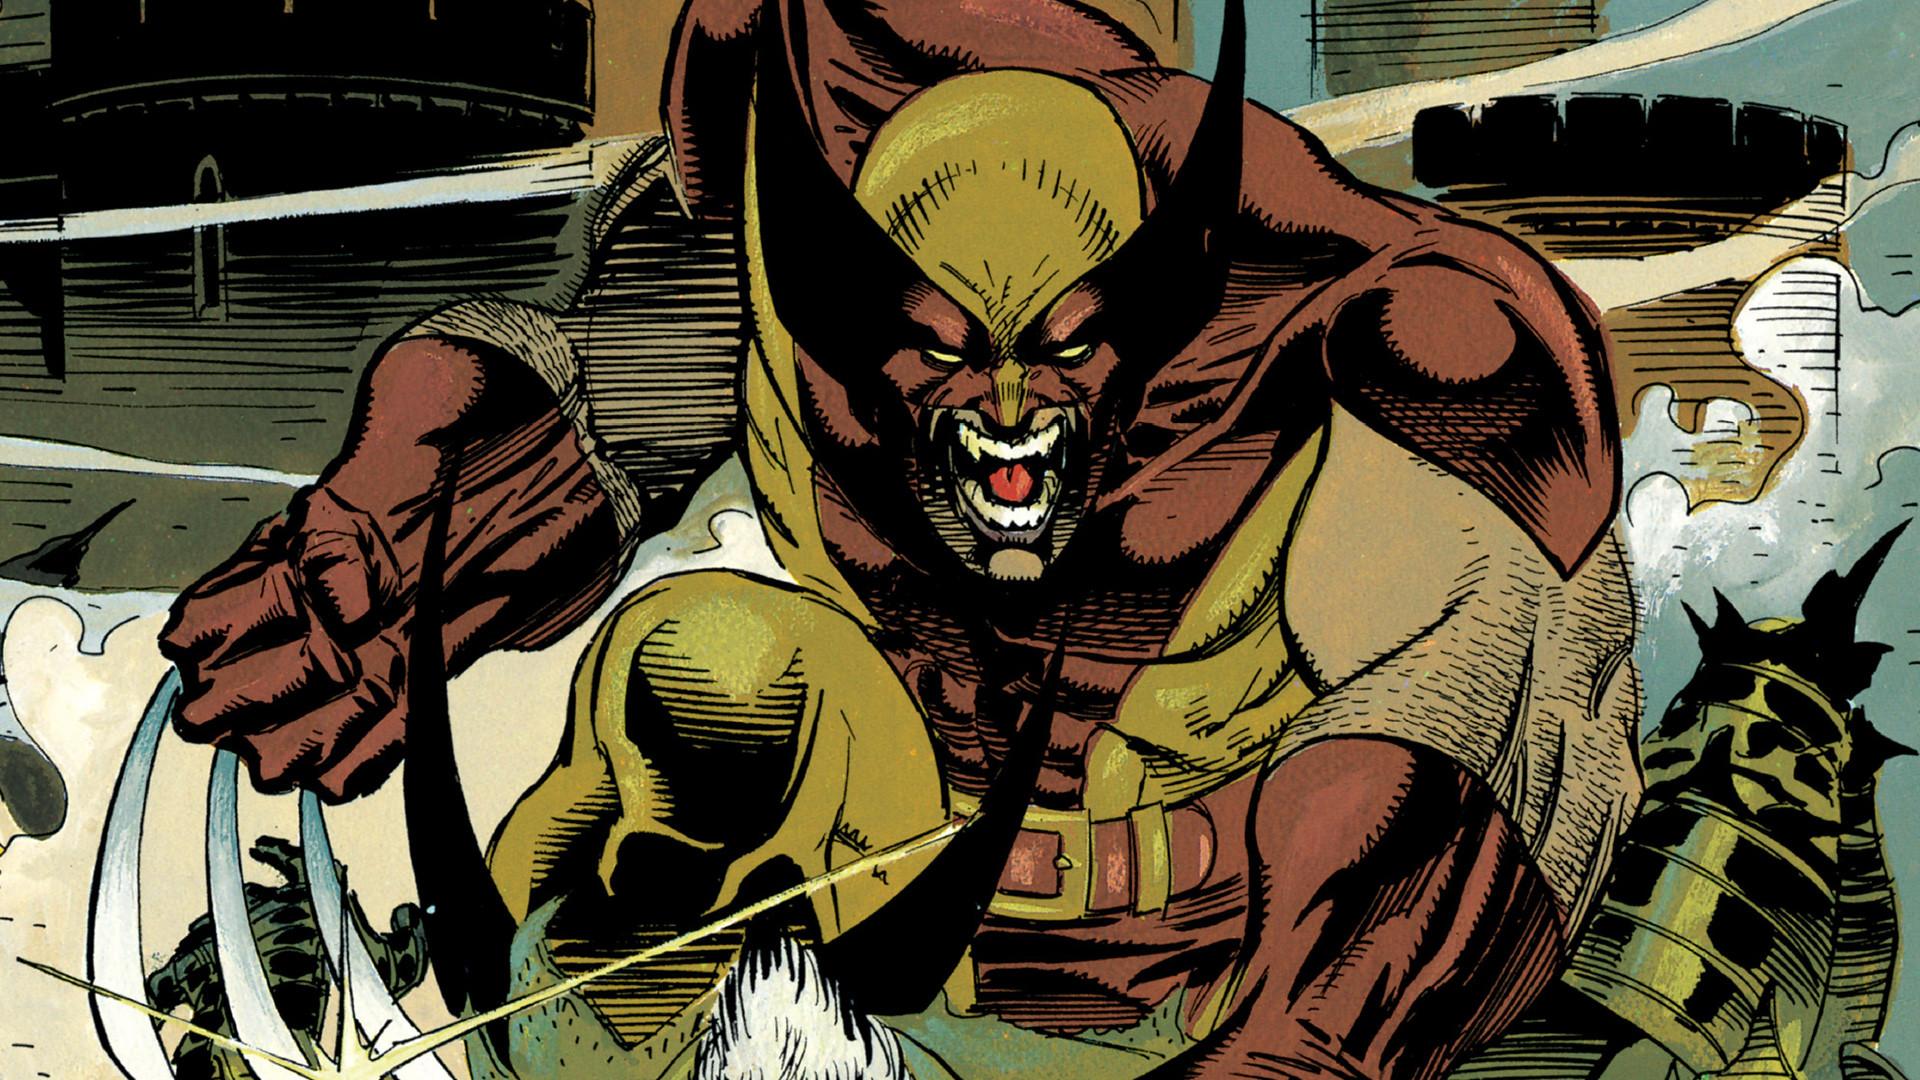 Res: 1920x1080,  wallpaper Wolverine, x-men, marvel comics